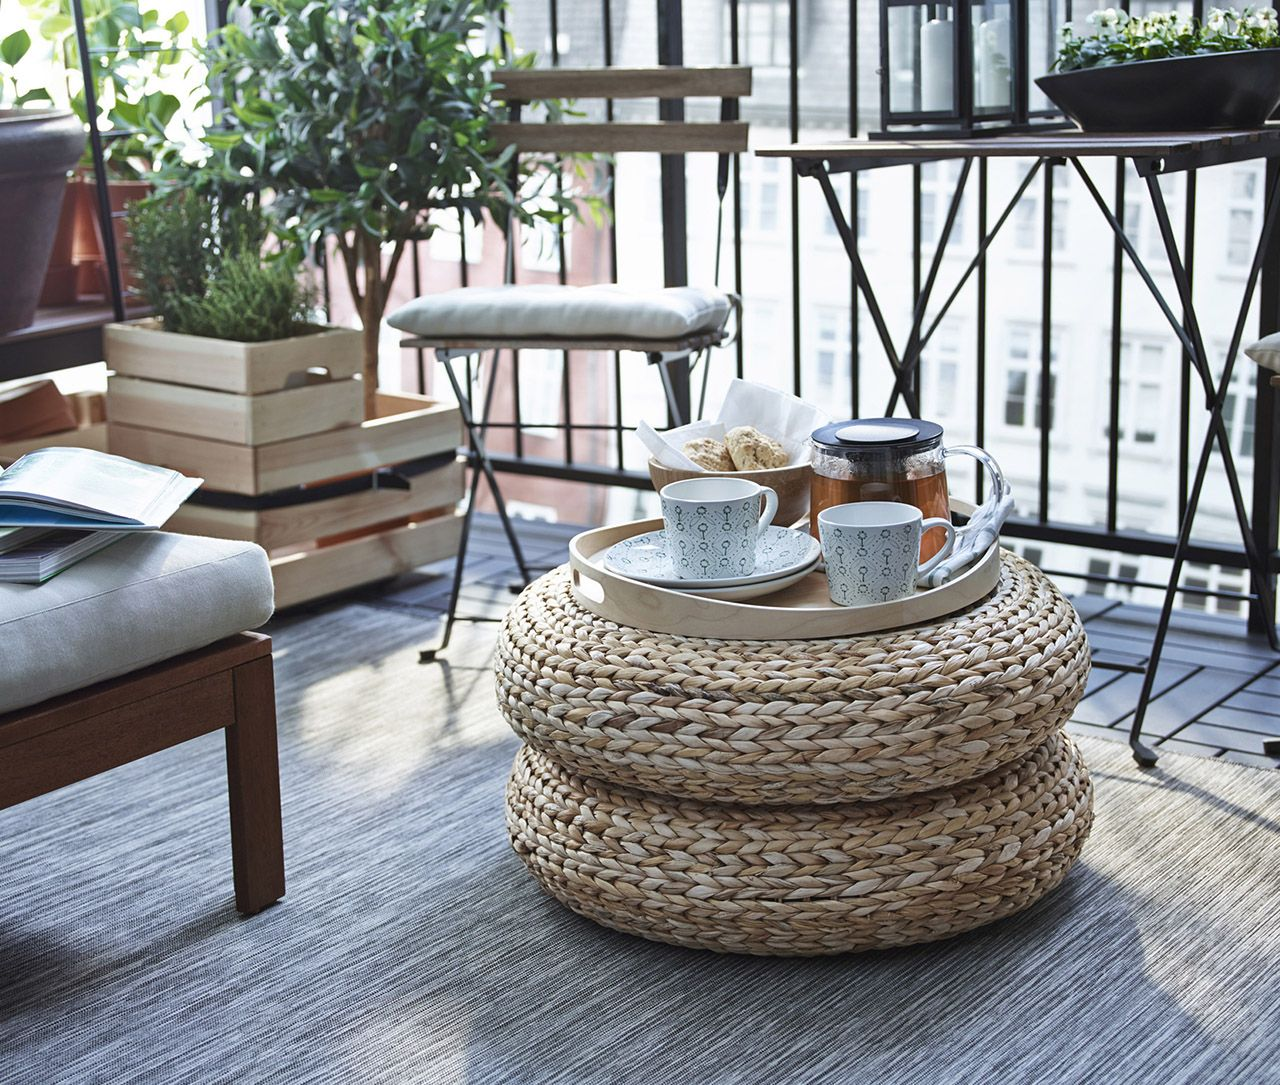 Pouf Alseda Via Goodmoods Deco Exterieure Inspiration Ikea Alseda Ikea